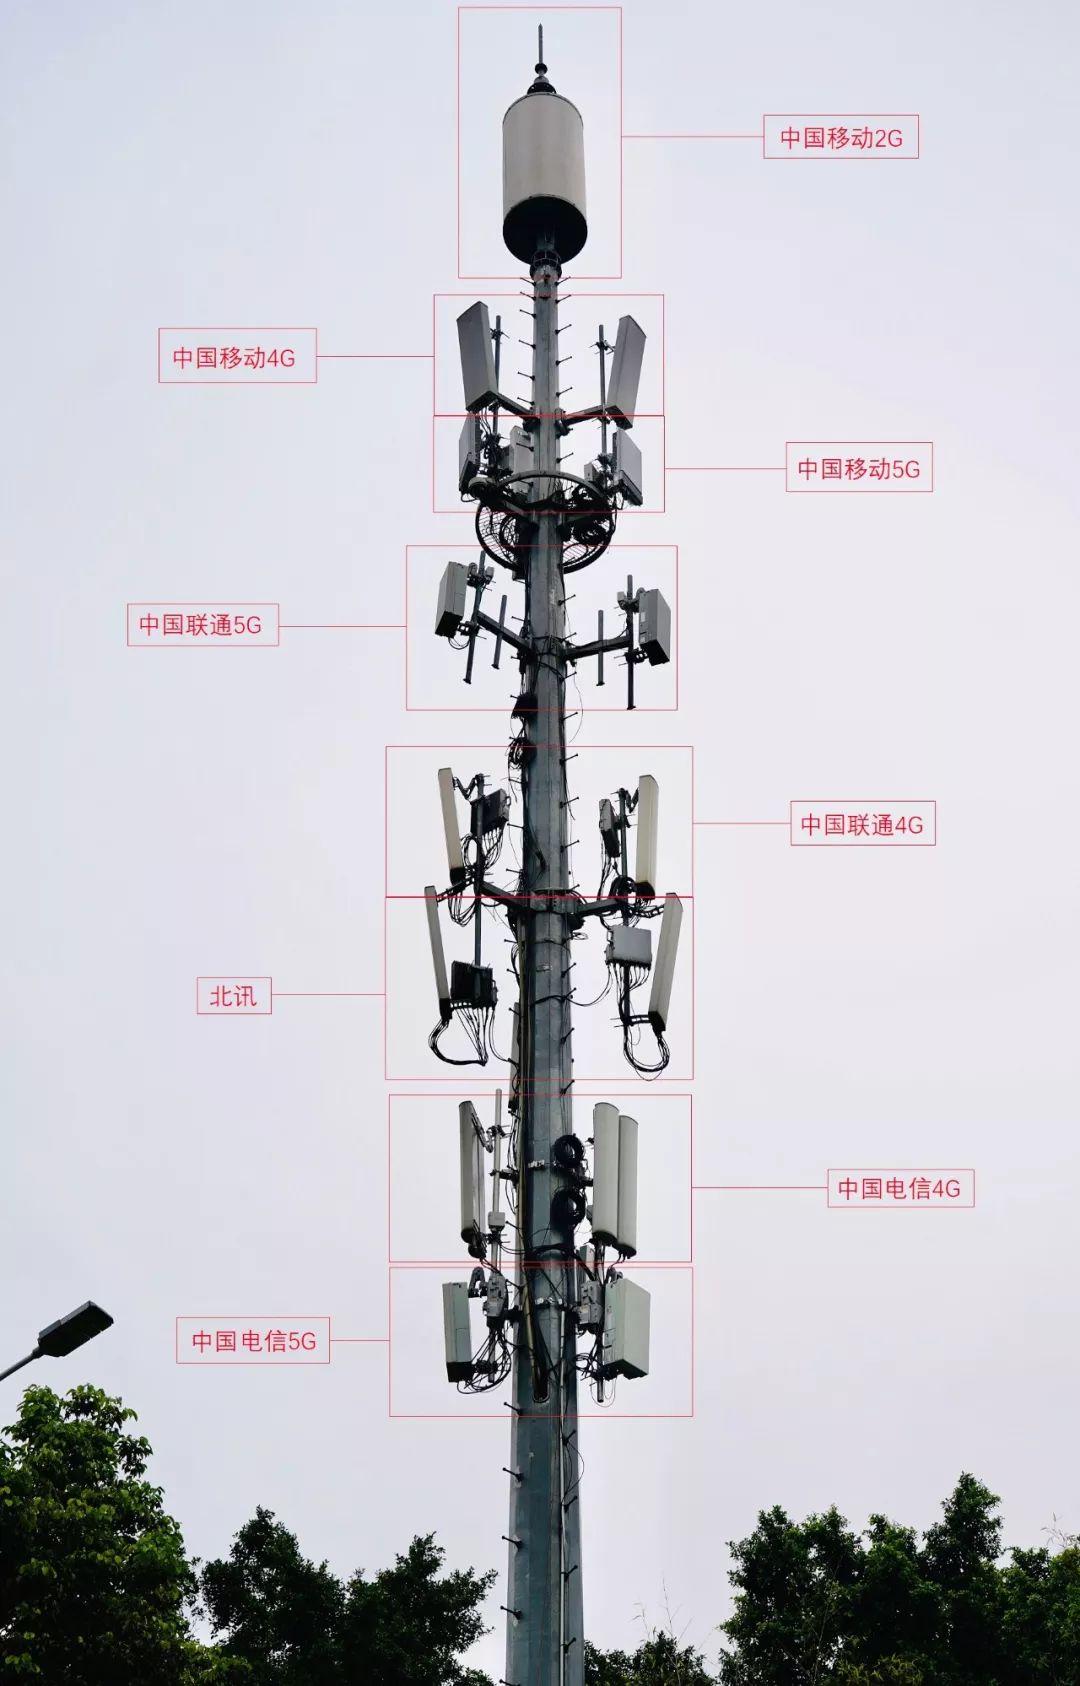 2019年3月14日,广州,一座实际使用中的共建共享铁塔